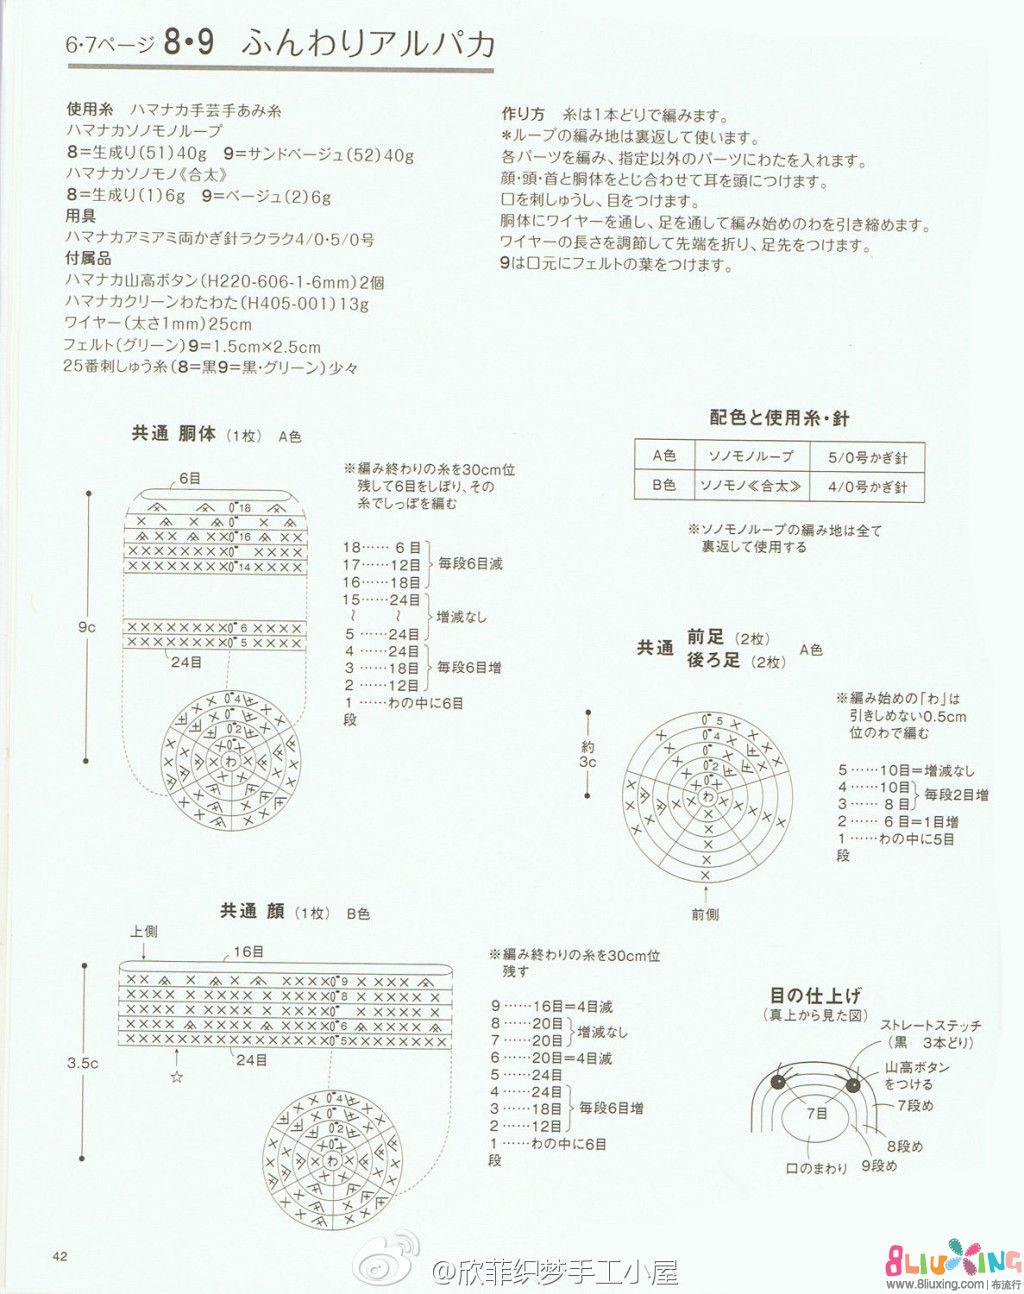 【别墅】图纸-羊驼-玩偶下载专区布流行100钩针中式图纸v别墅平方米图片